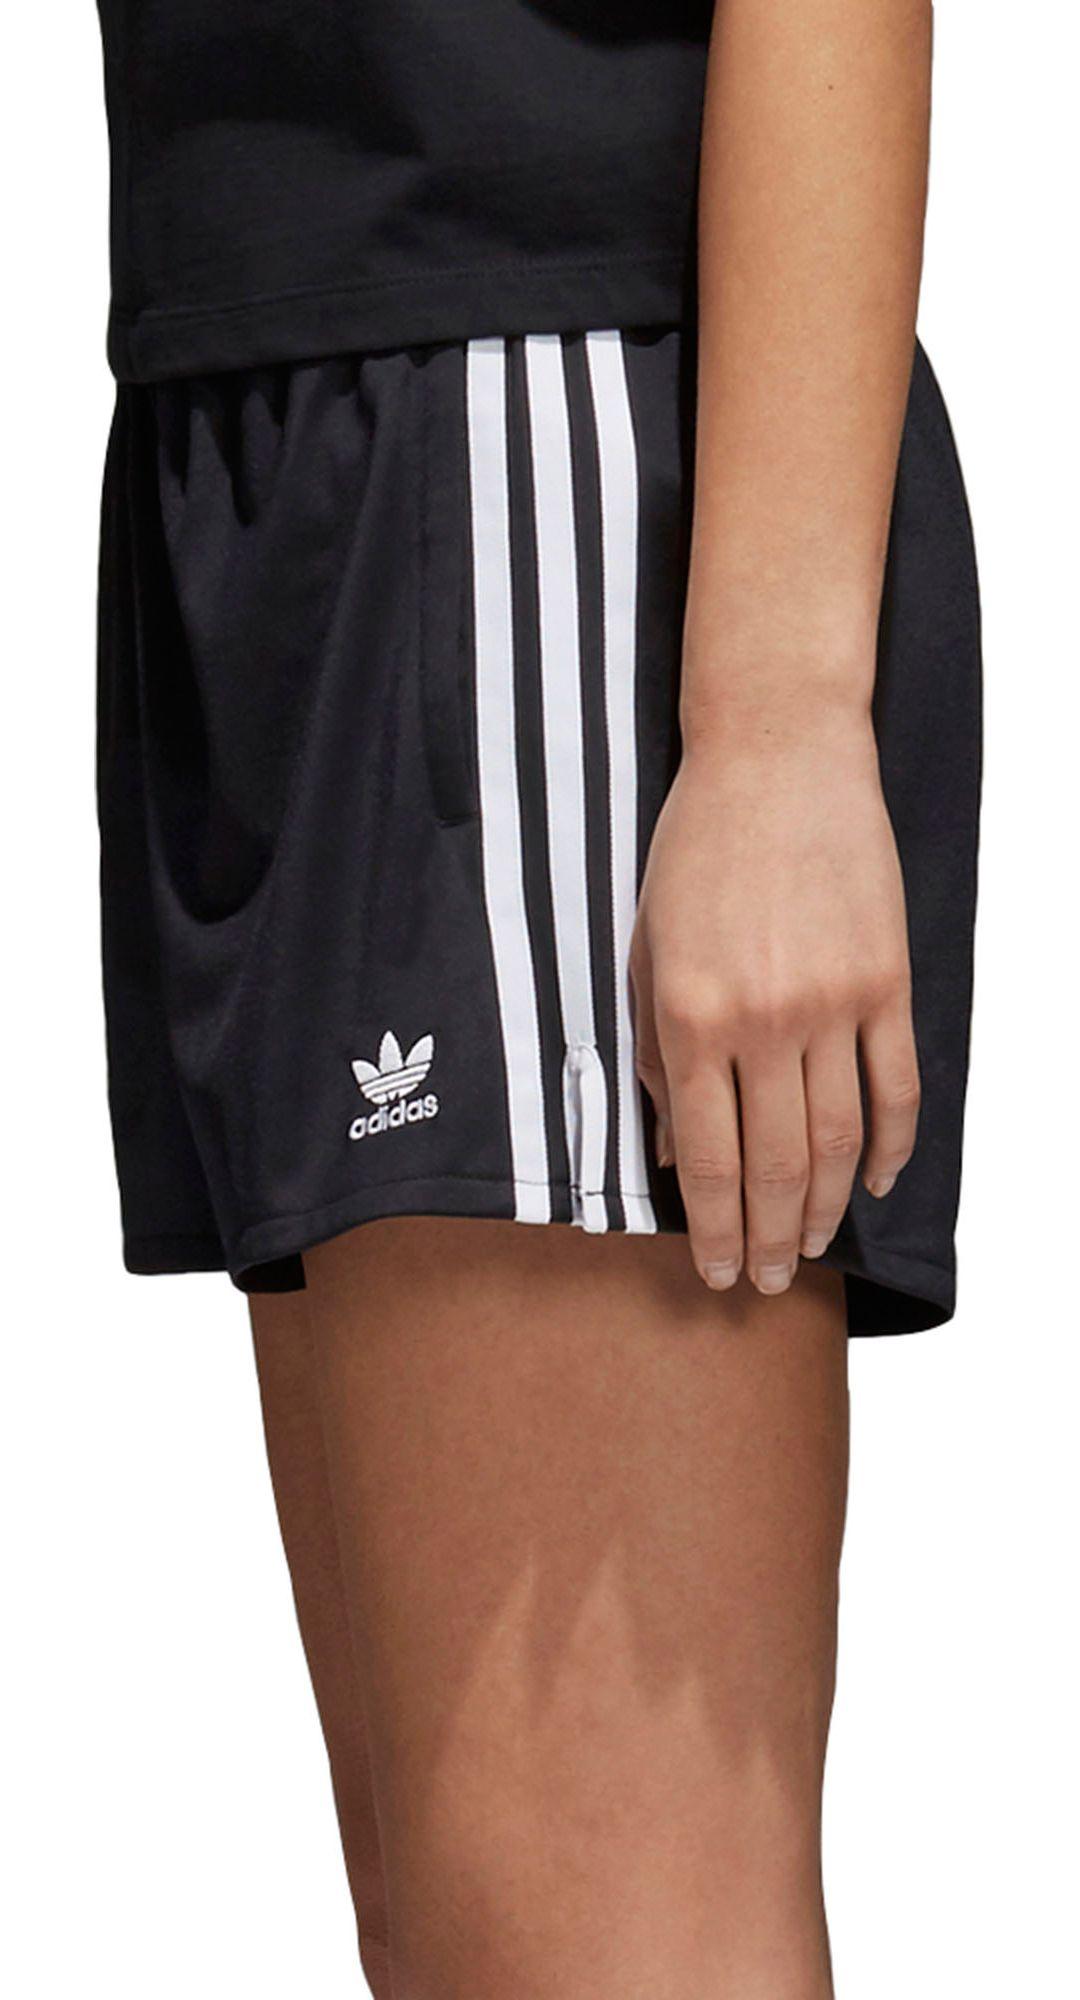 905e14e3 adidas Originals Women's 3-Stripes Shorts